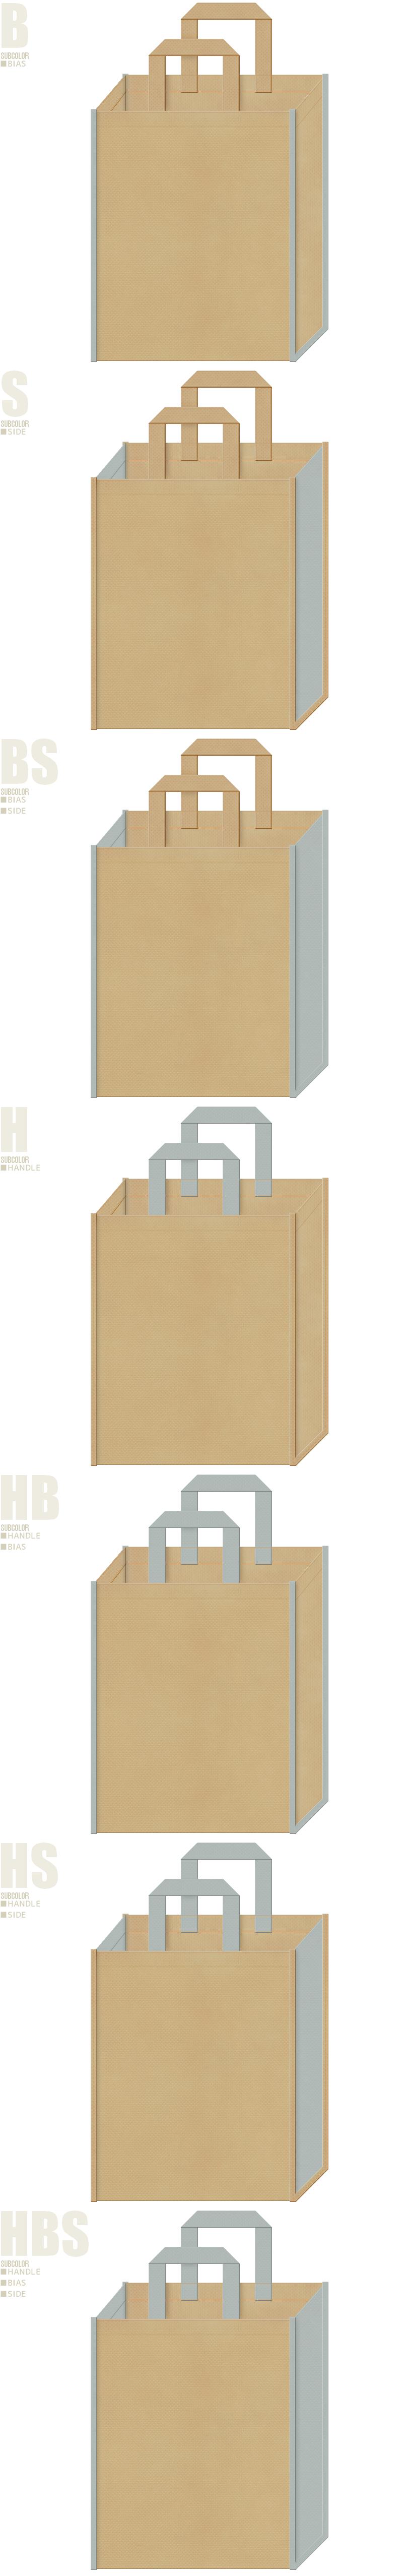 ニット・アウター・セーター・レギンス・秋冬ファッションにお奨めの不織布バッグのデザイン:カーキ色とグレー色の配色7パターン